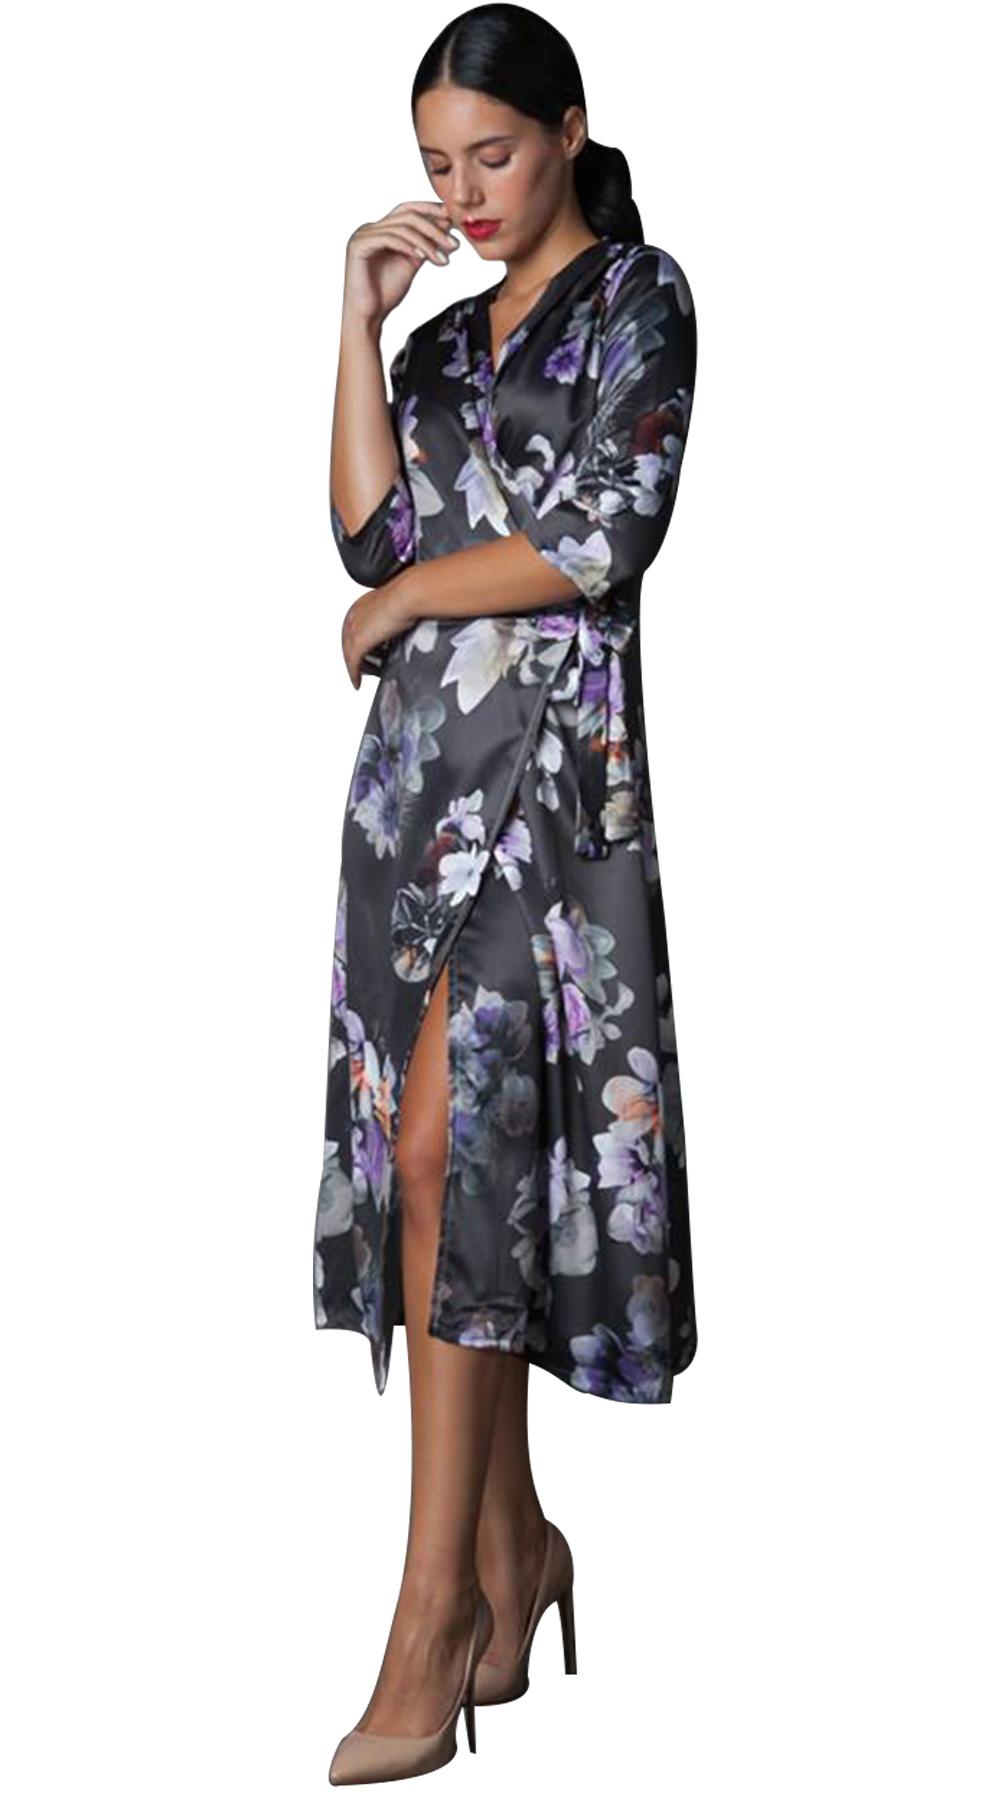 Κρουαζέ Μίντι Φλοράλ Φόρεμα - Greek Brands - FA18NA-55887 φορέματα βραδυνά φορέματα